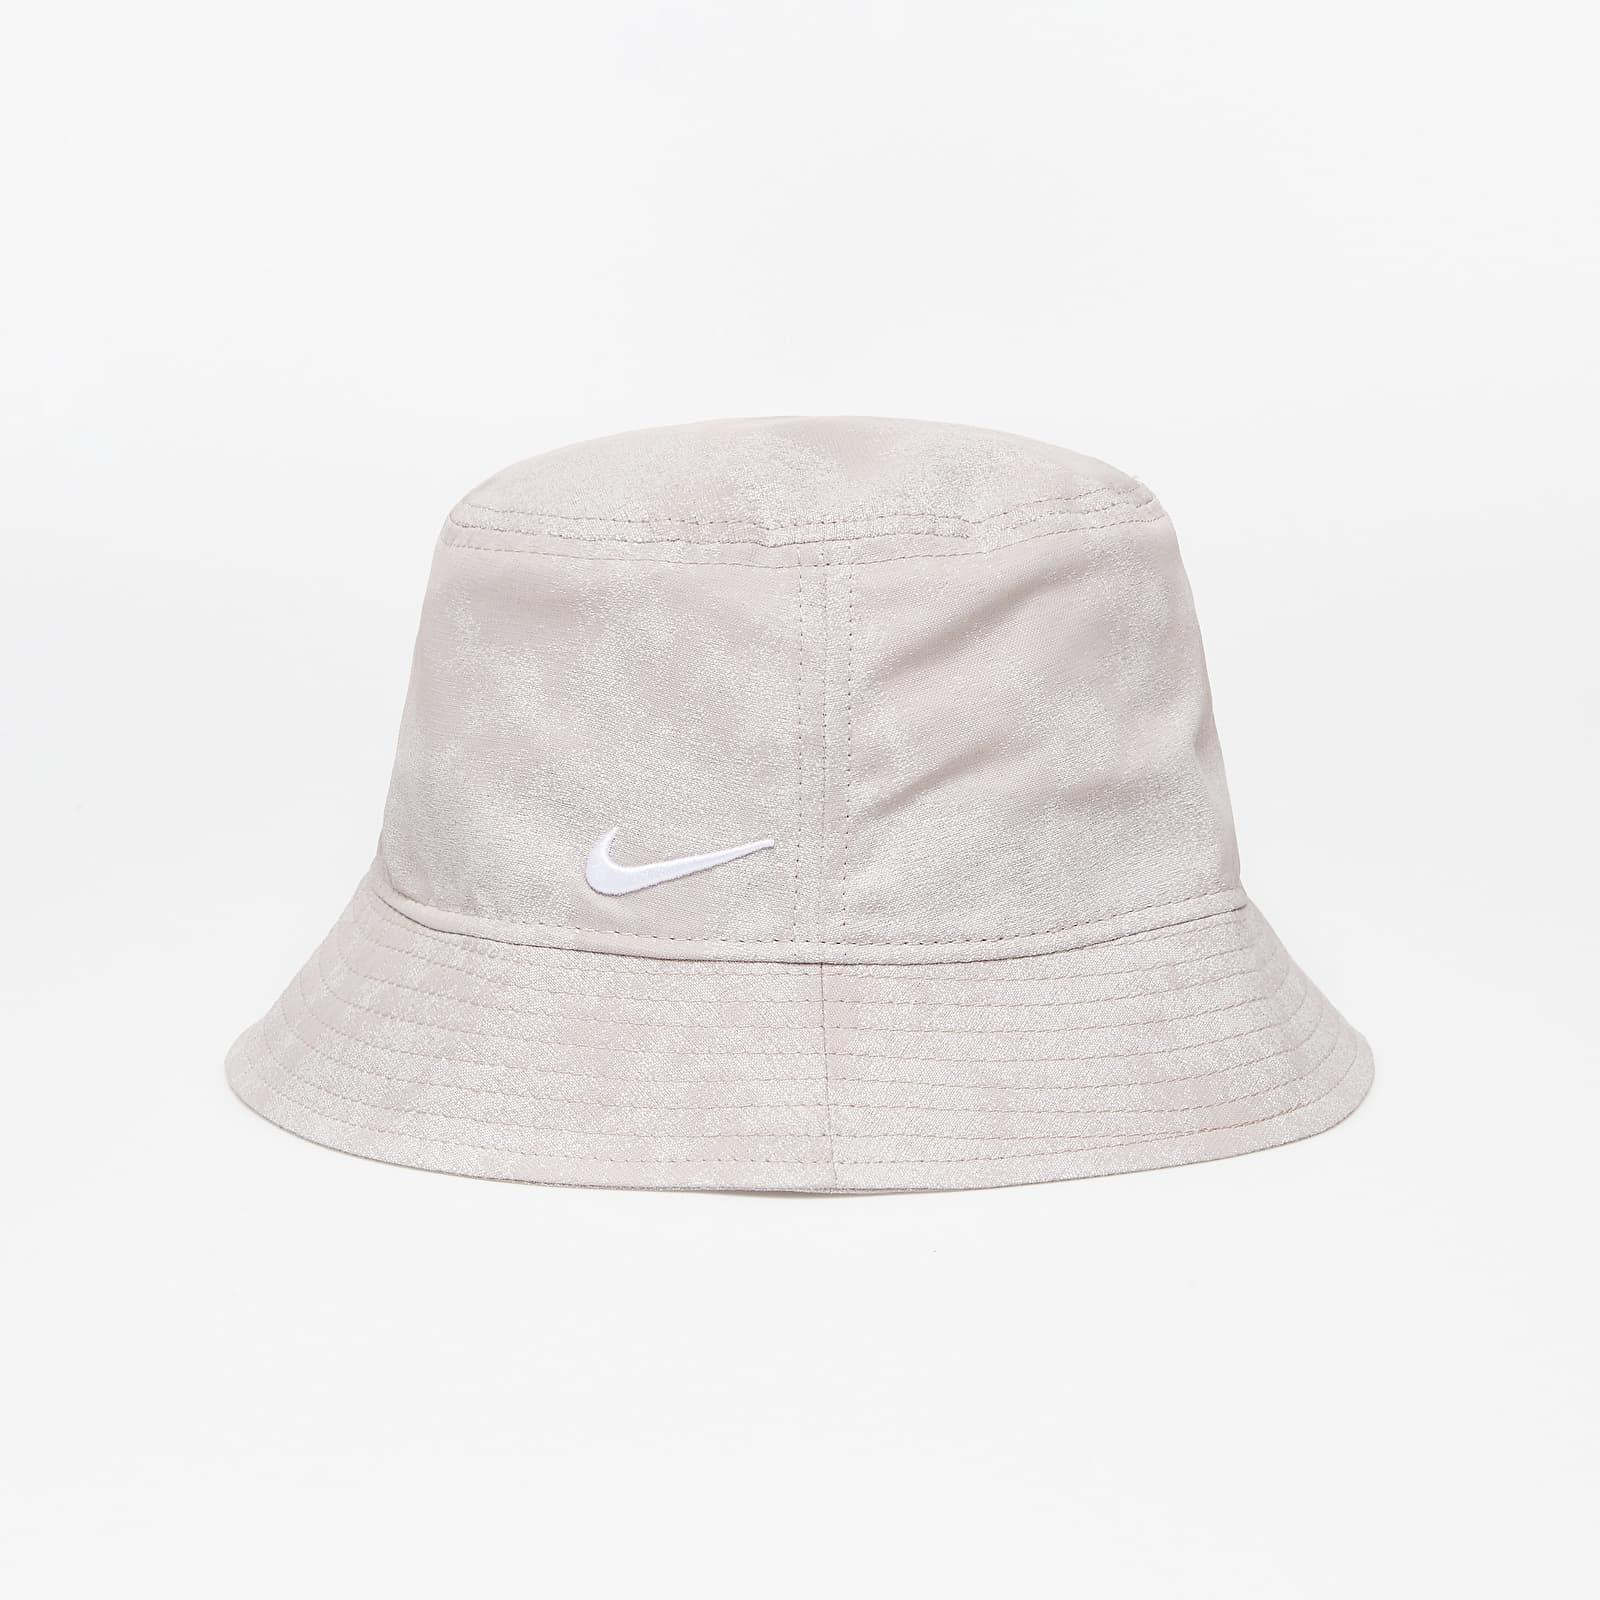 Nikelab U NRG Bucket Hat Malt